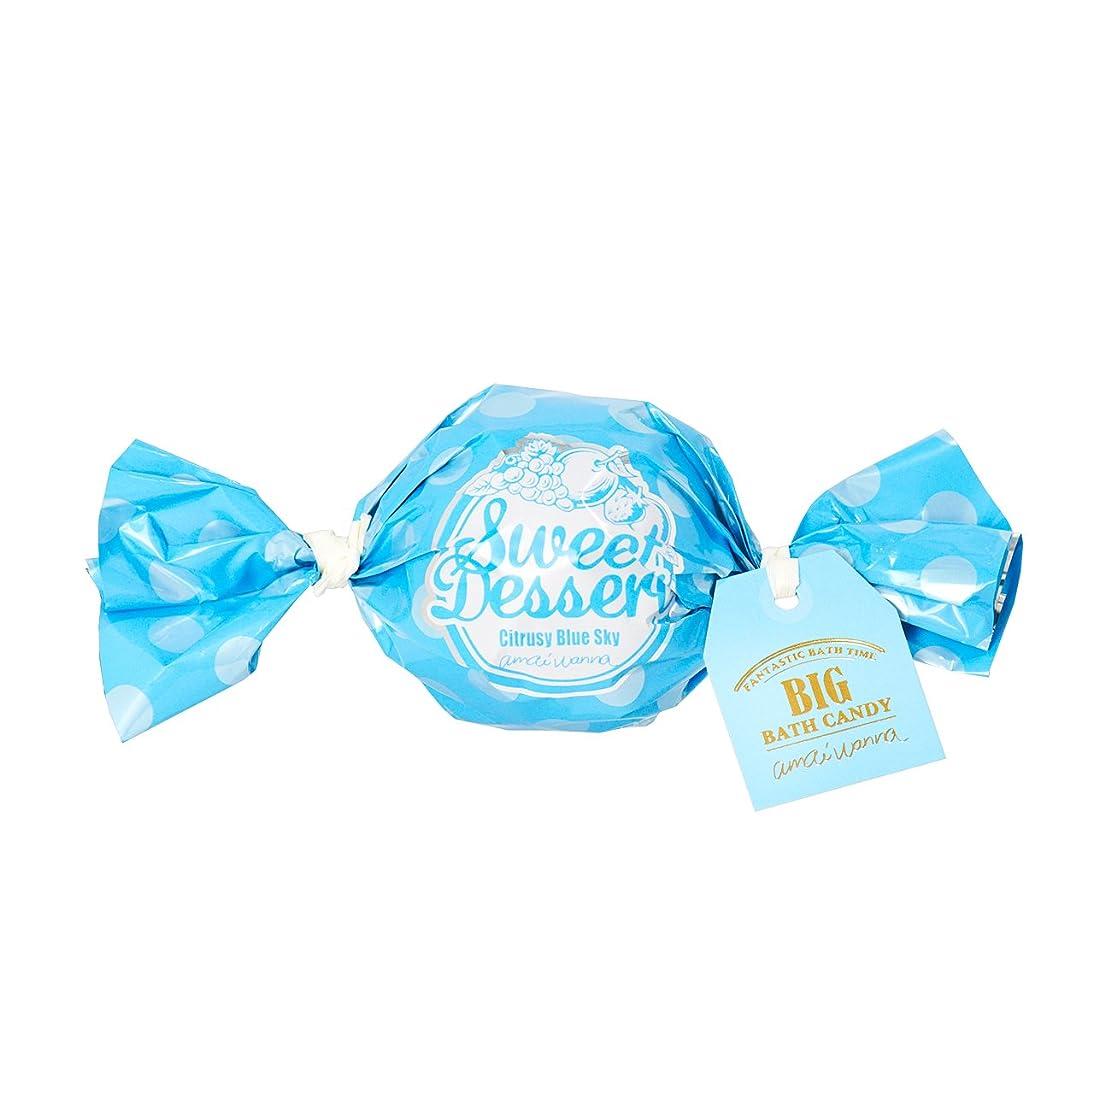 がんばり続けるそれる郵便番号アマイワナ ビッグバスキャンディー 青空シトラス 100g(発泡タイプ入浴料 おおらかで凛としたシトラスの香り)